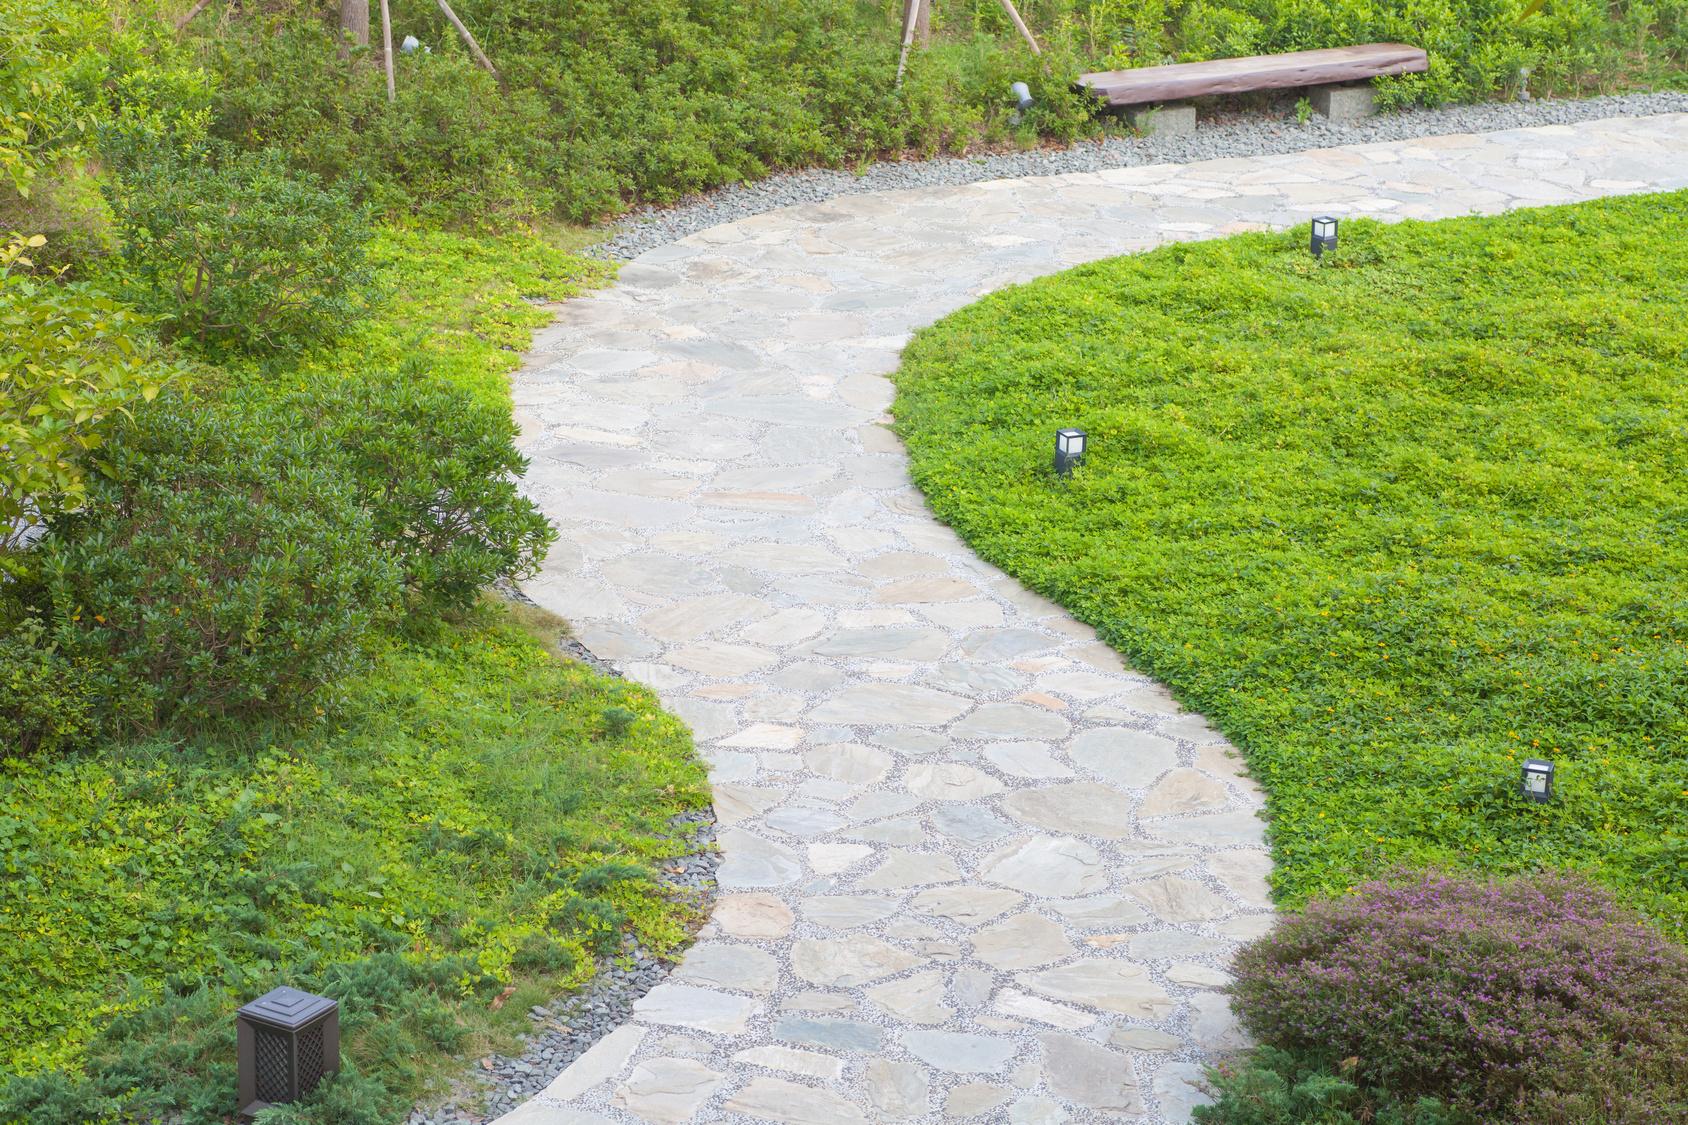 Quels Matériaux Pour Dessiner Une Belle Allée De Jardin ? concernant Création Allée De Jardin